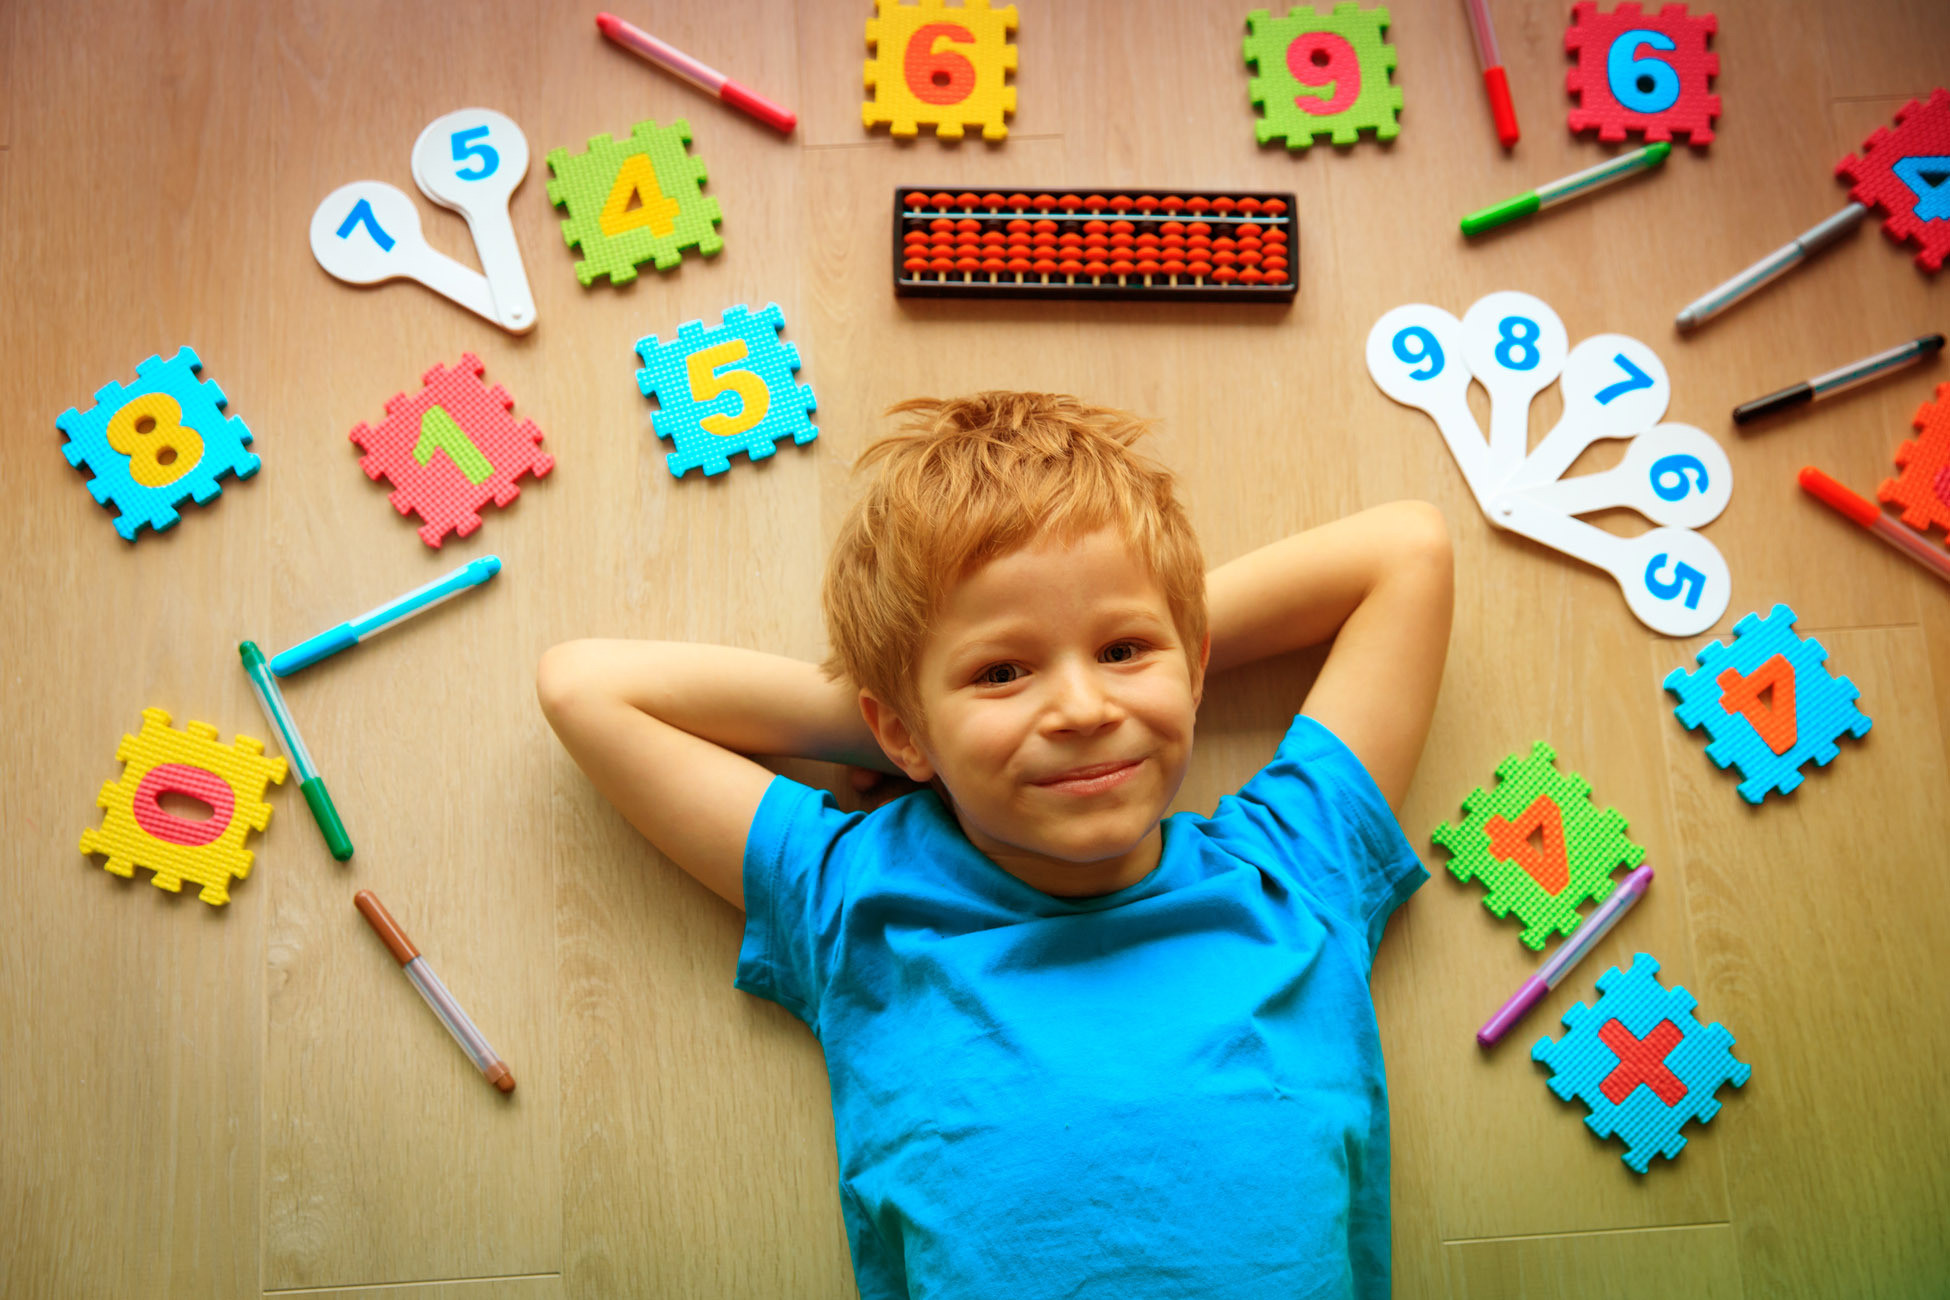 Ментальная арифметика для детей – стать быстрее калькулятора